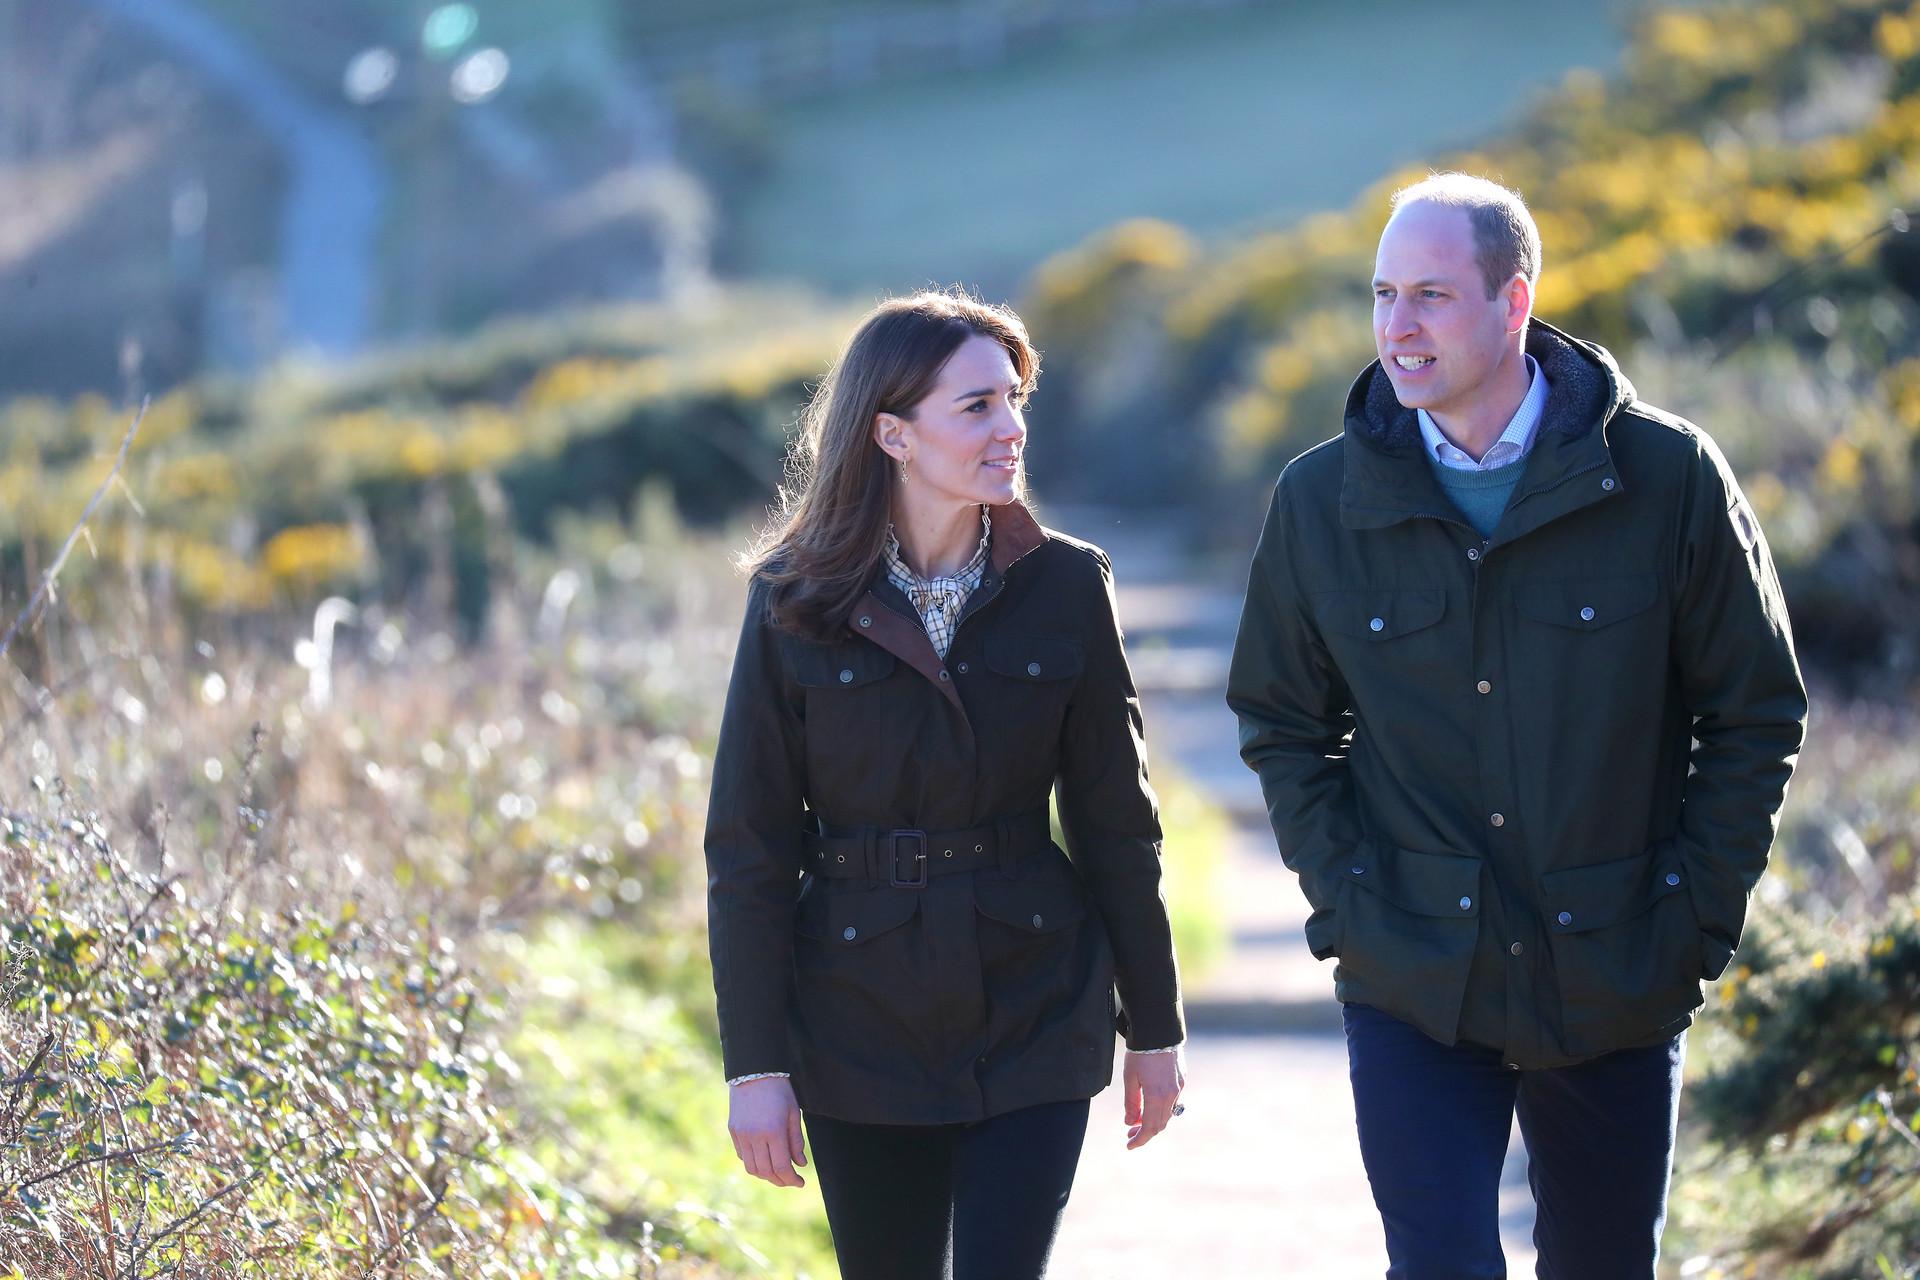 William Kate Middleton 4 Revelada Fotografia Inédita Do Príncipe William Com Os Filhos, Tirada Por Kate Middleton